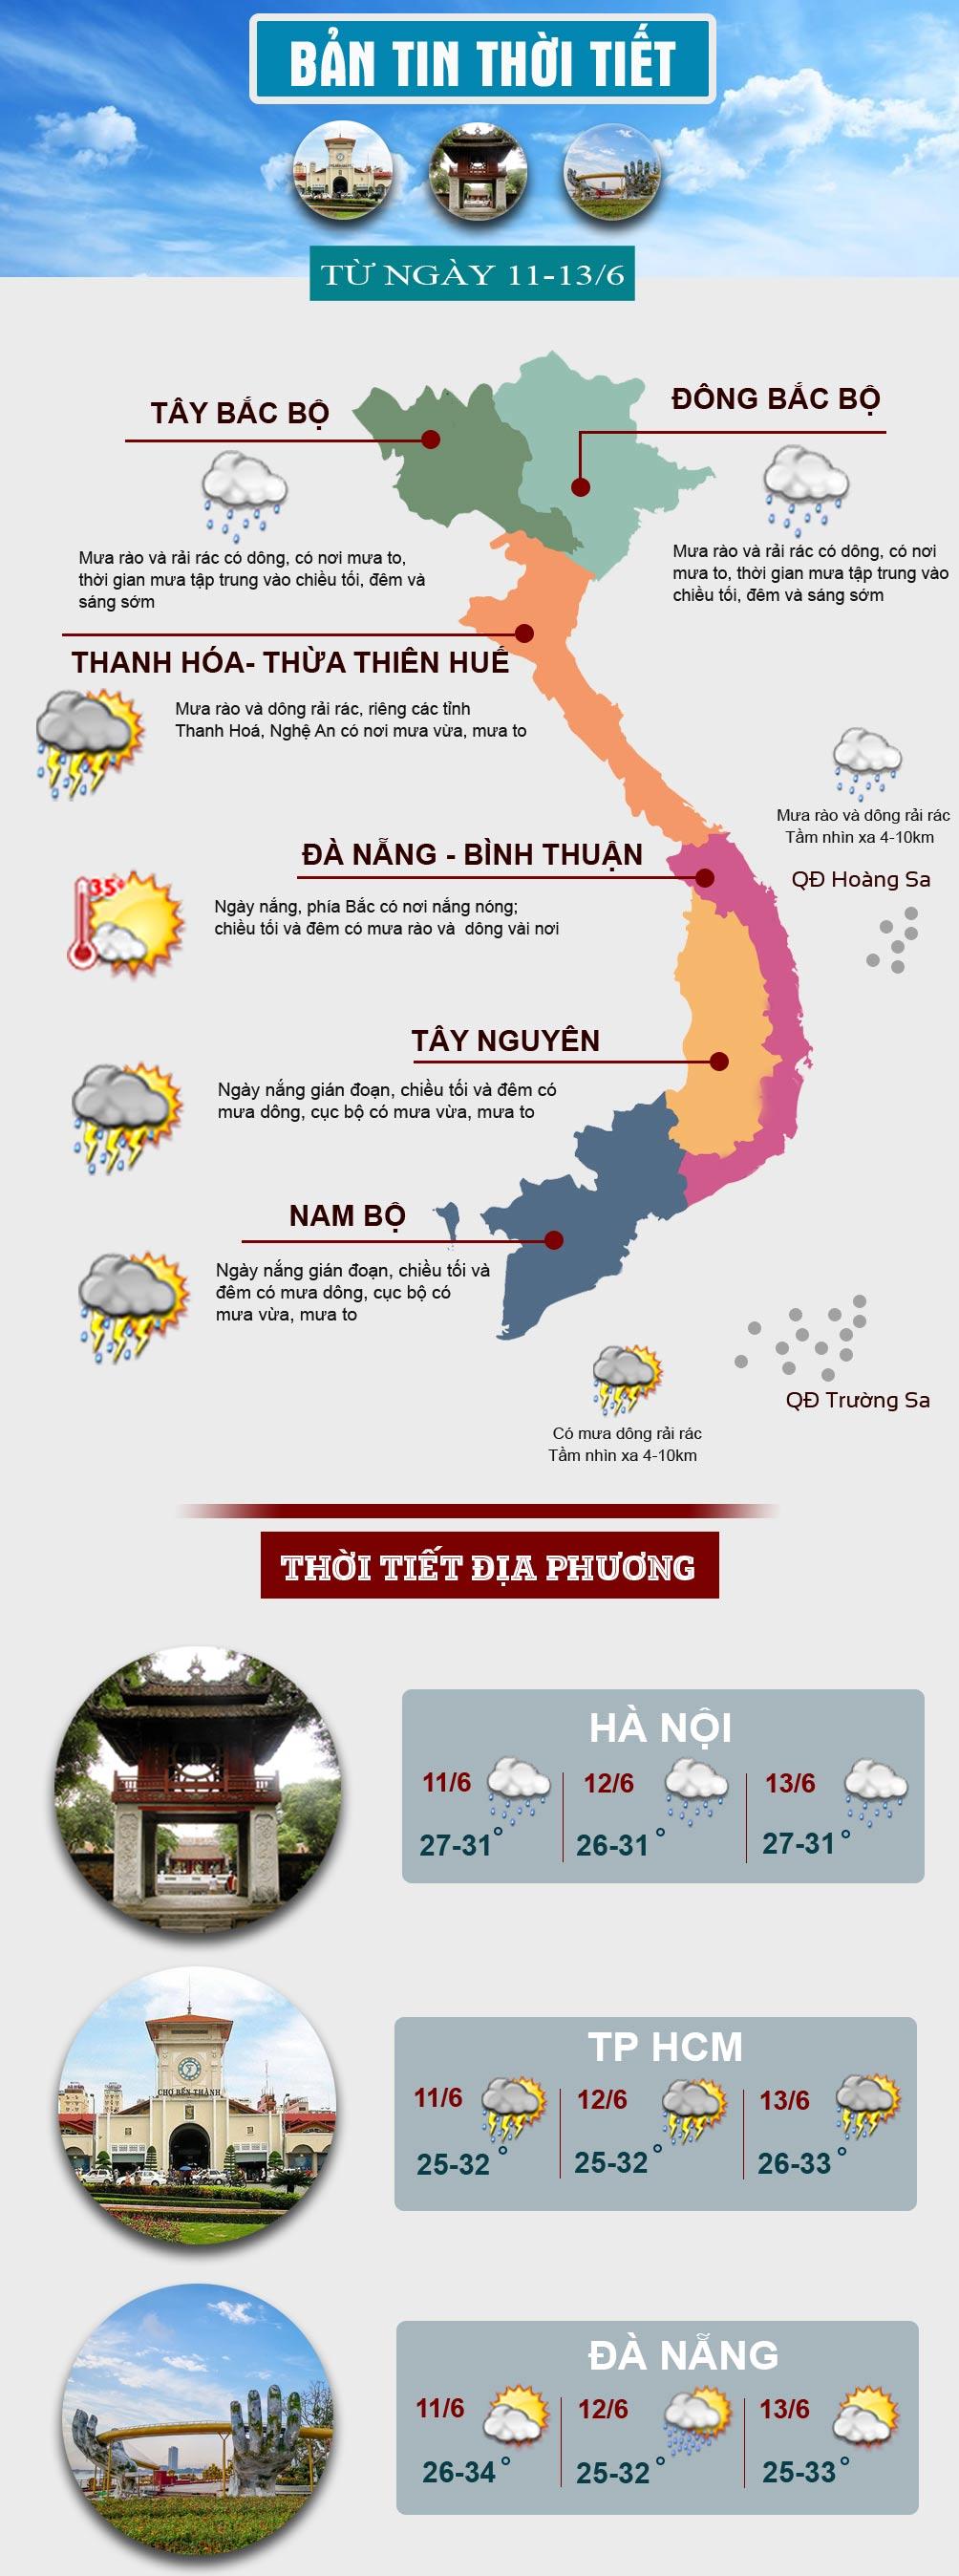 Thời tiết cuối tuần: Miền Bắc tiếp tục có mưa to, Trung Bộ nắng nóng giảm nhiệt - 1